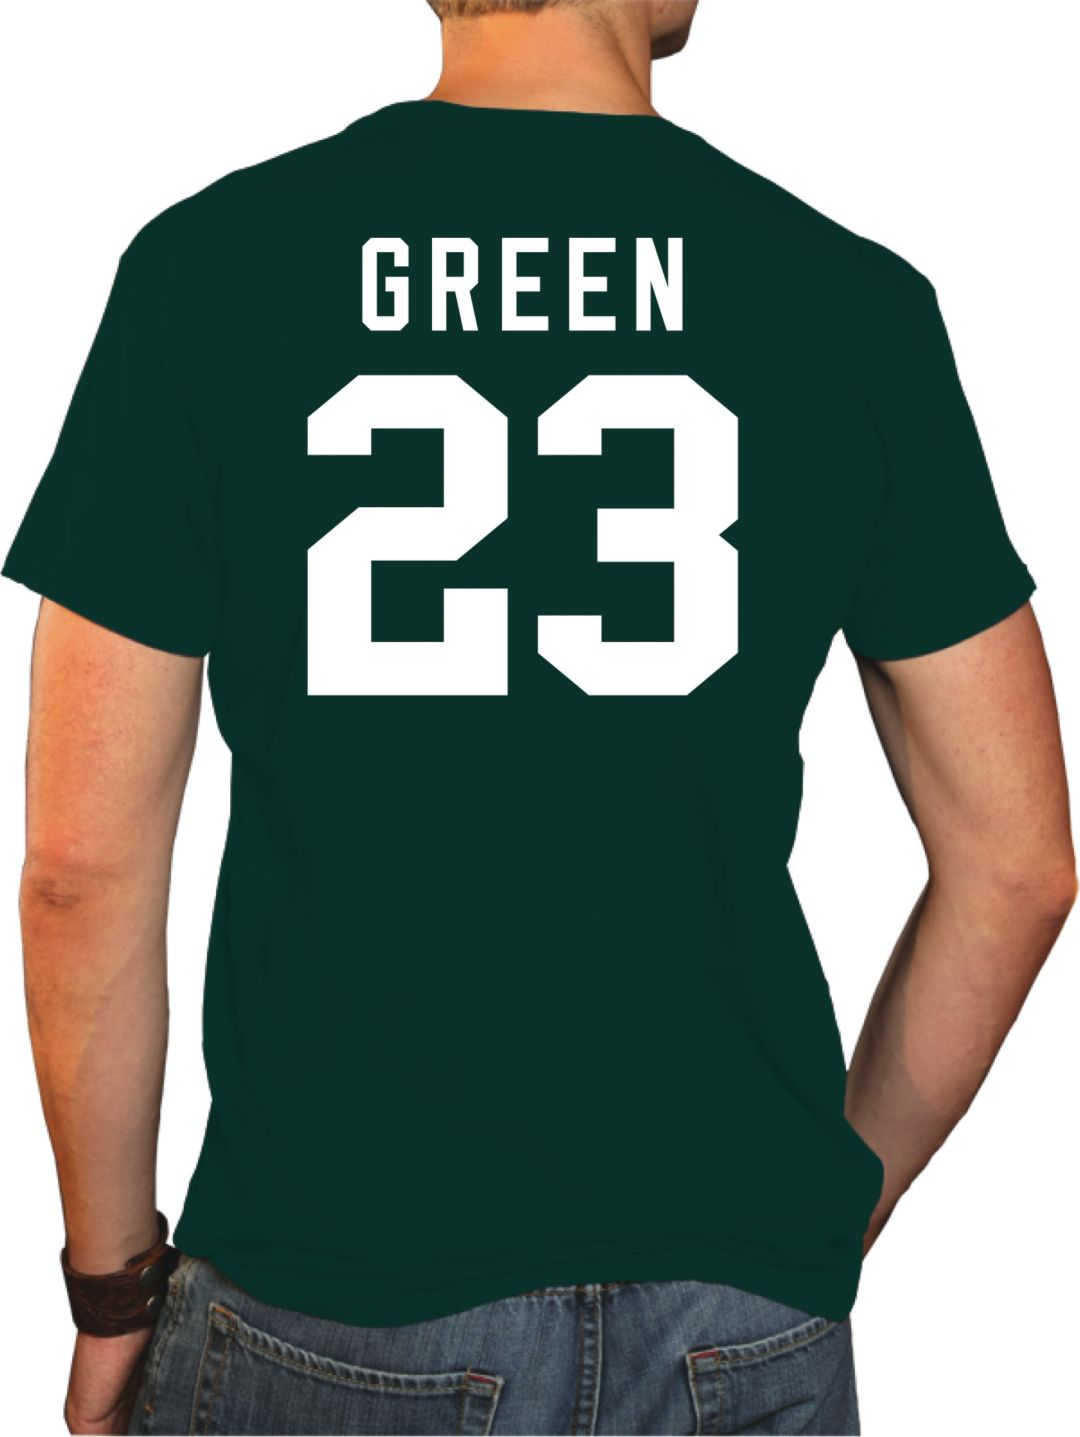 brand new 49b46 3d32d Original Retro Brand Men's Michigan State Spartans Draymond Green #23 Green  Basketball Jersey T-Shirt